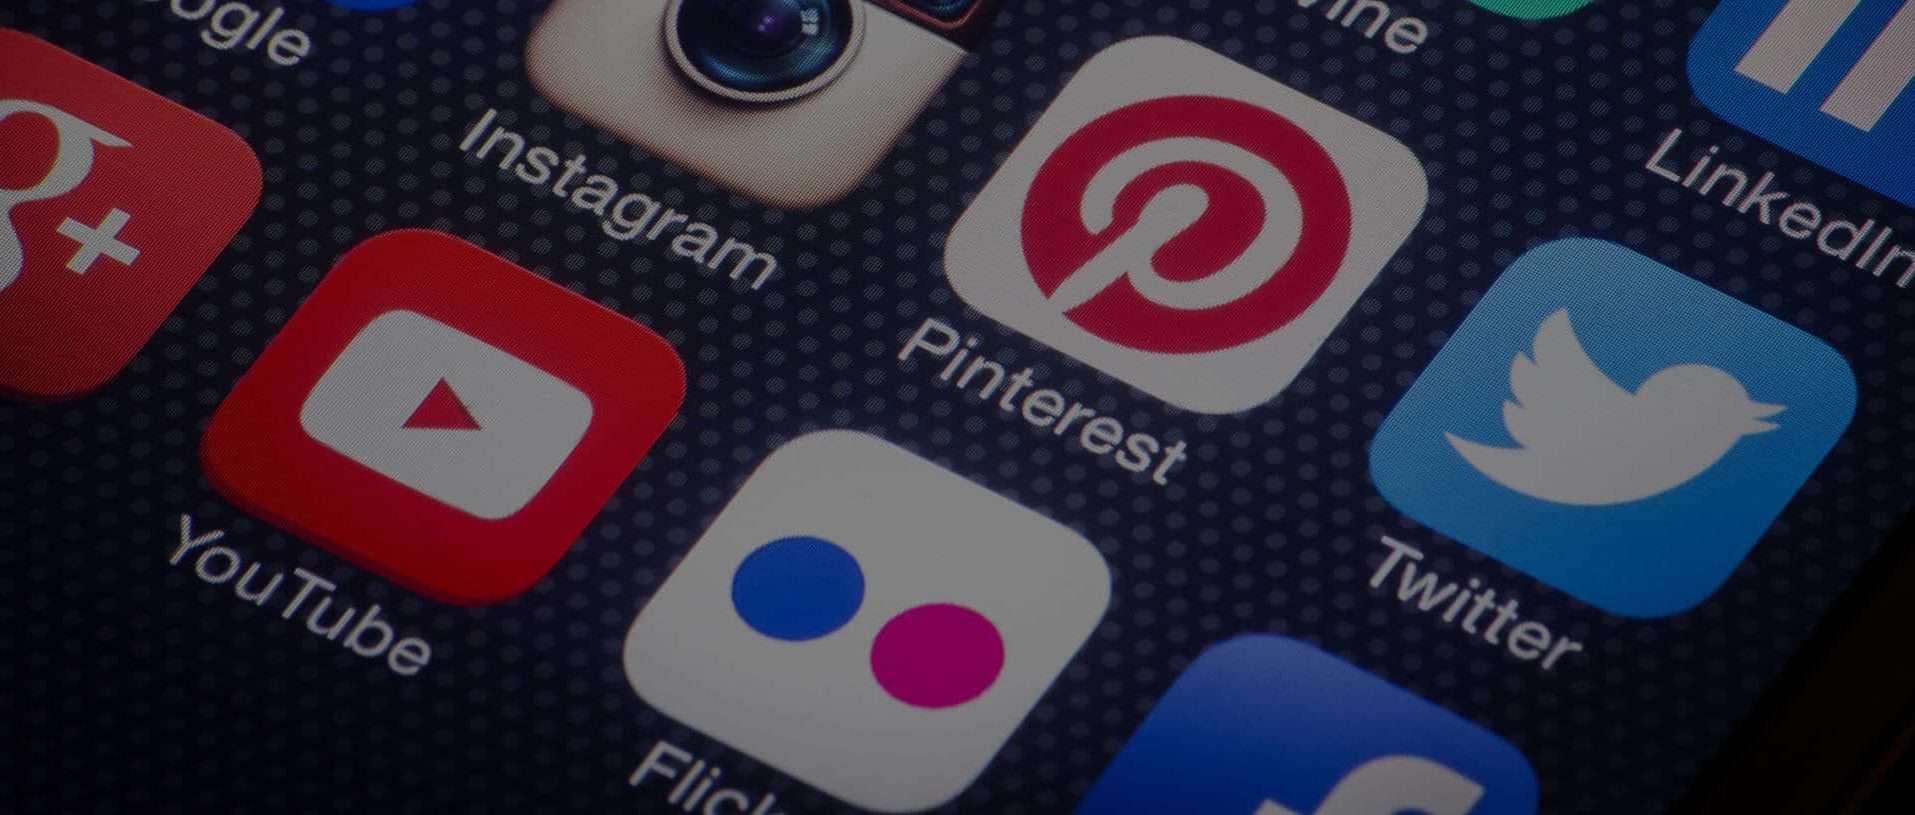 Social Media Marketing Works